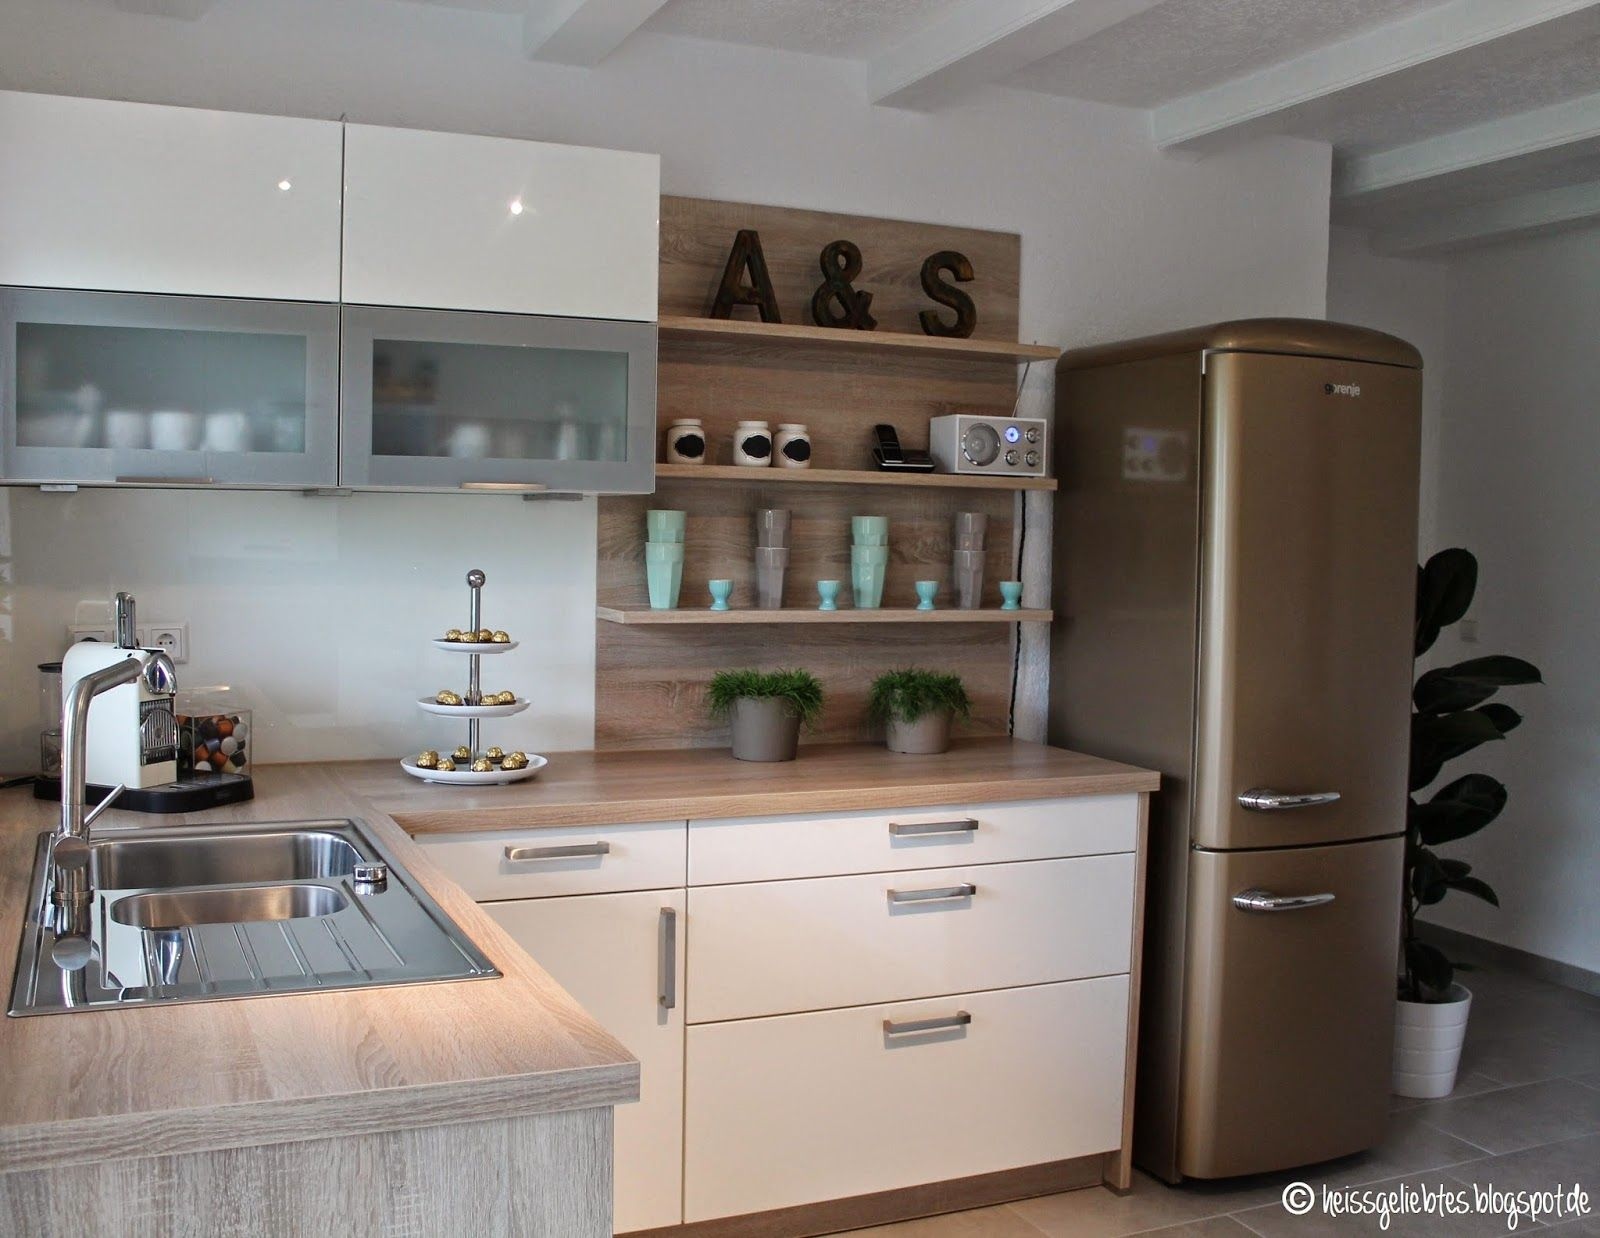 Dreh- und Angelpunkt: DIE KÜCHE Küche * retro * Interior * kitchen ...